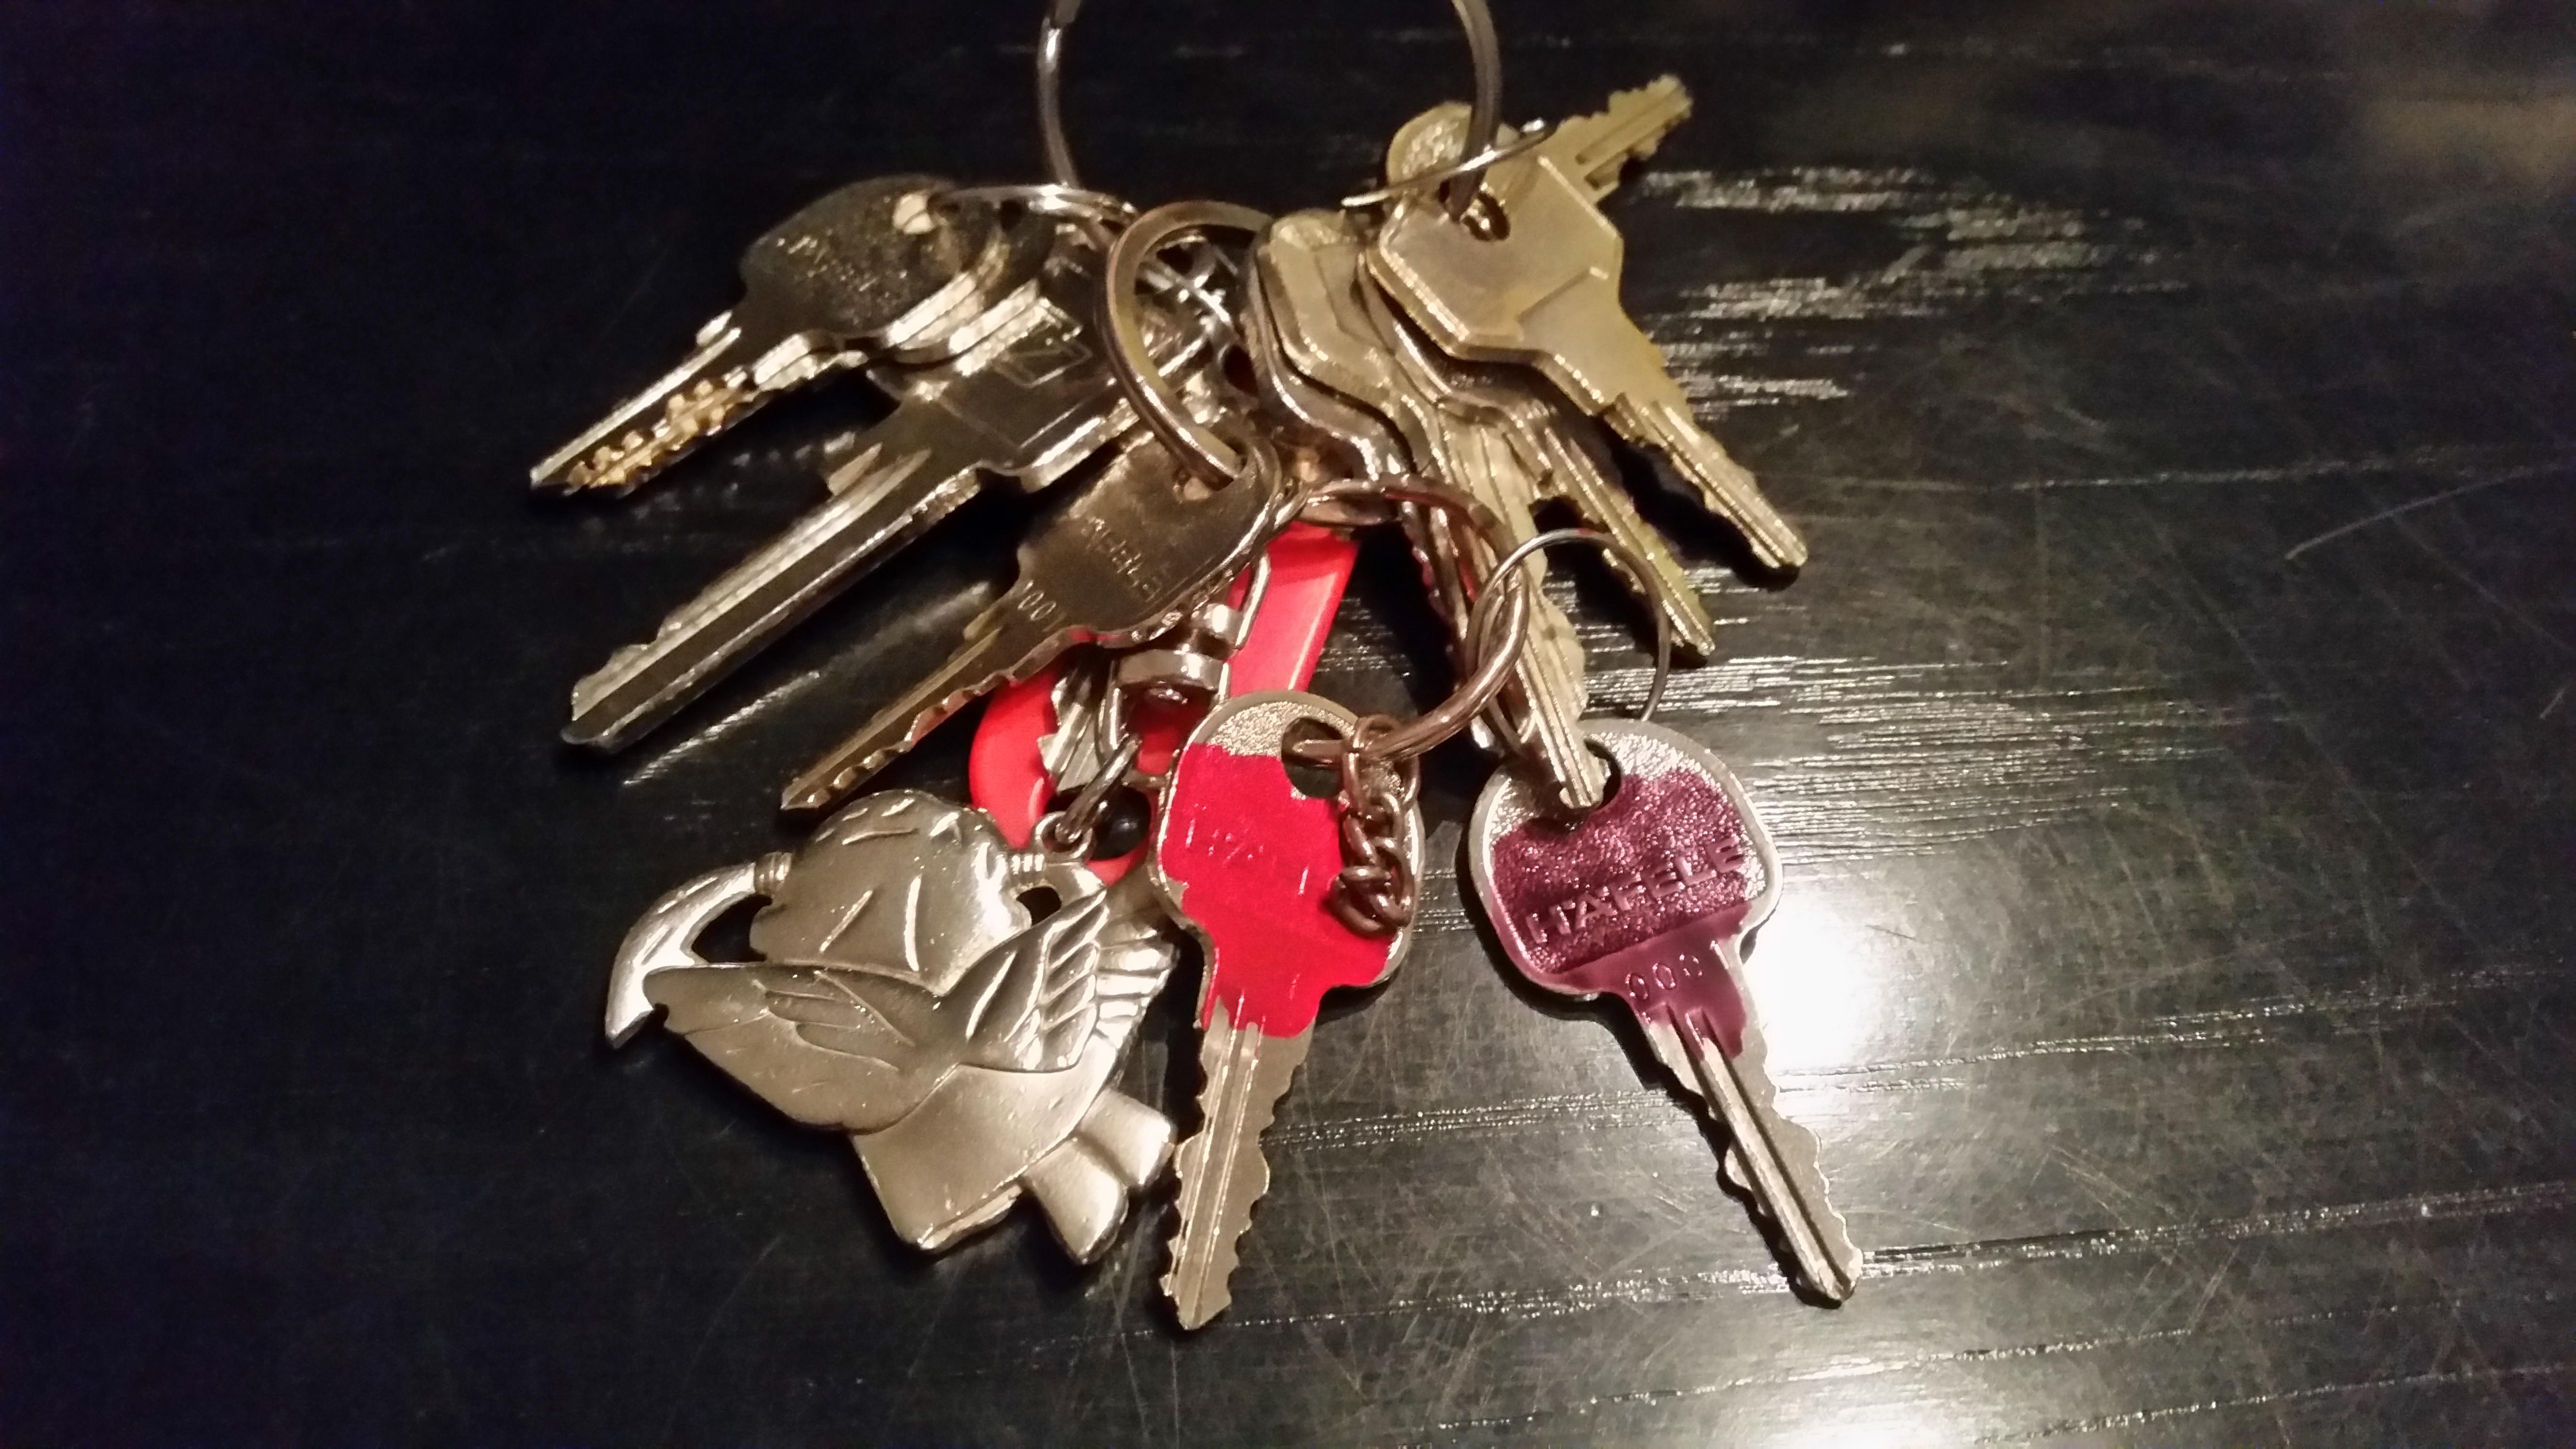 Mit Hilfe von Nagellack zwischen verschiedenen Schlüsseln differenzieren